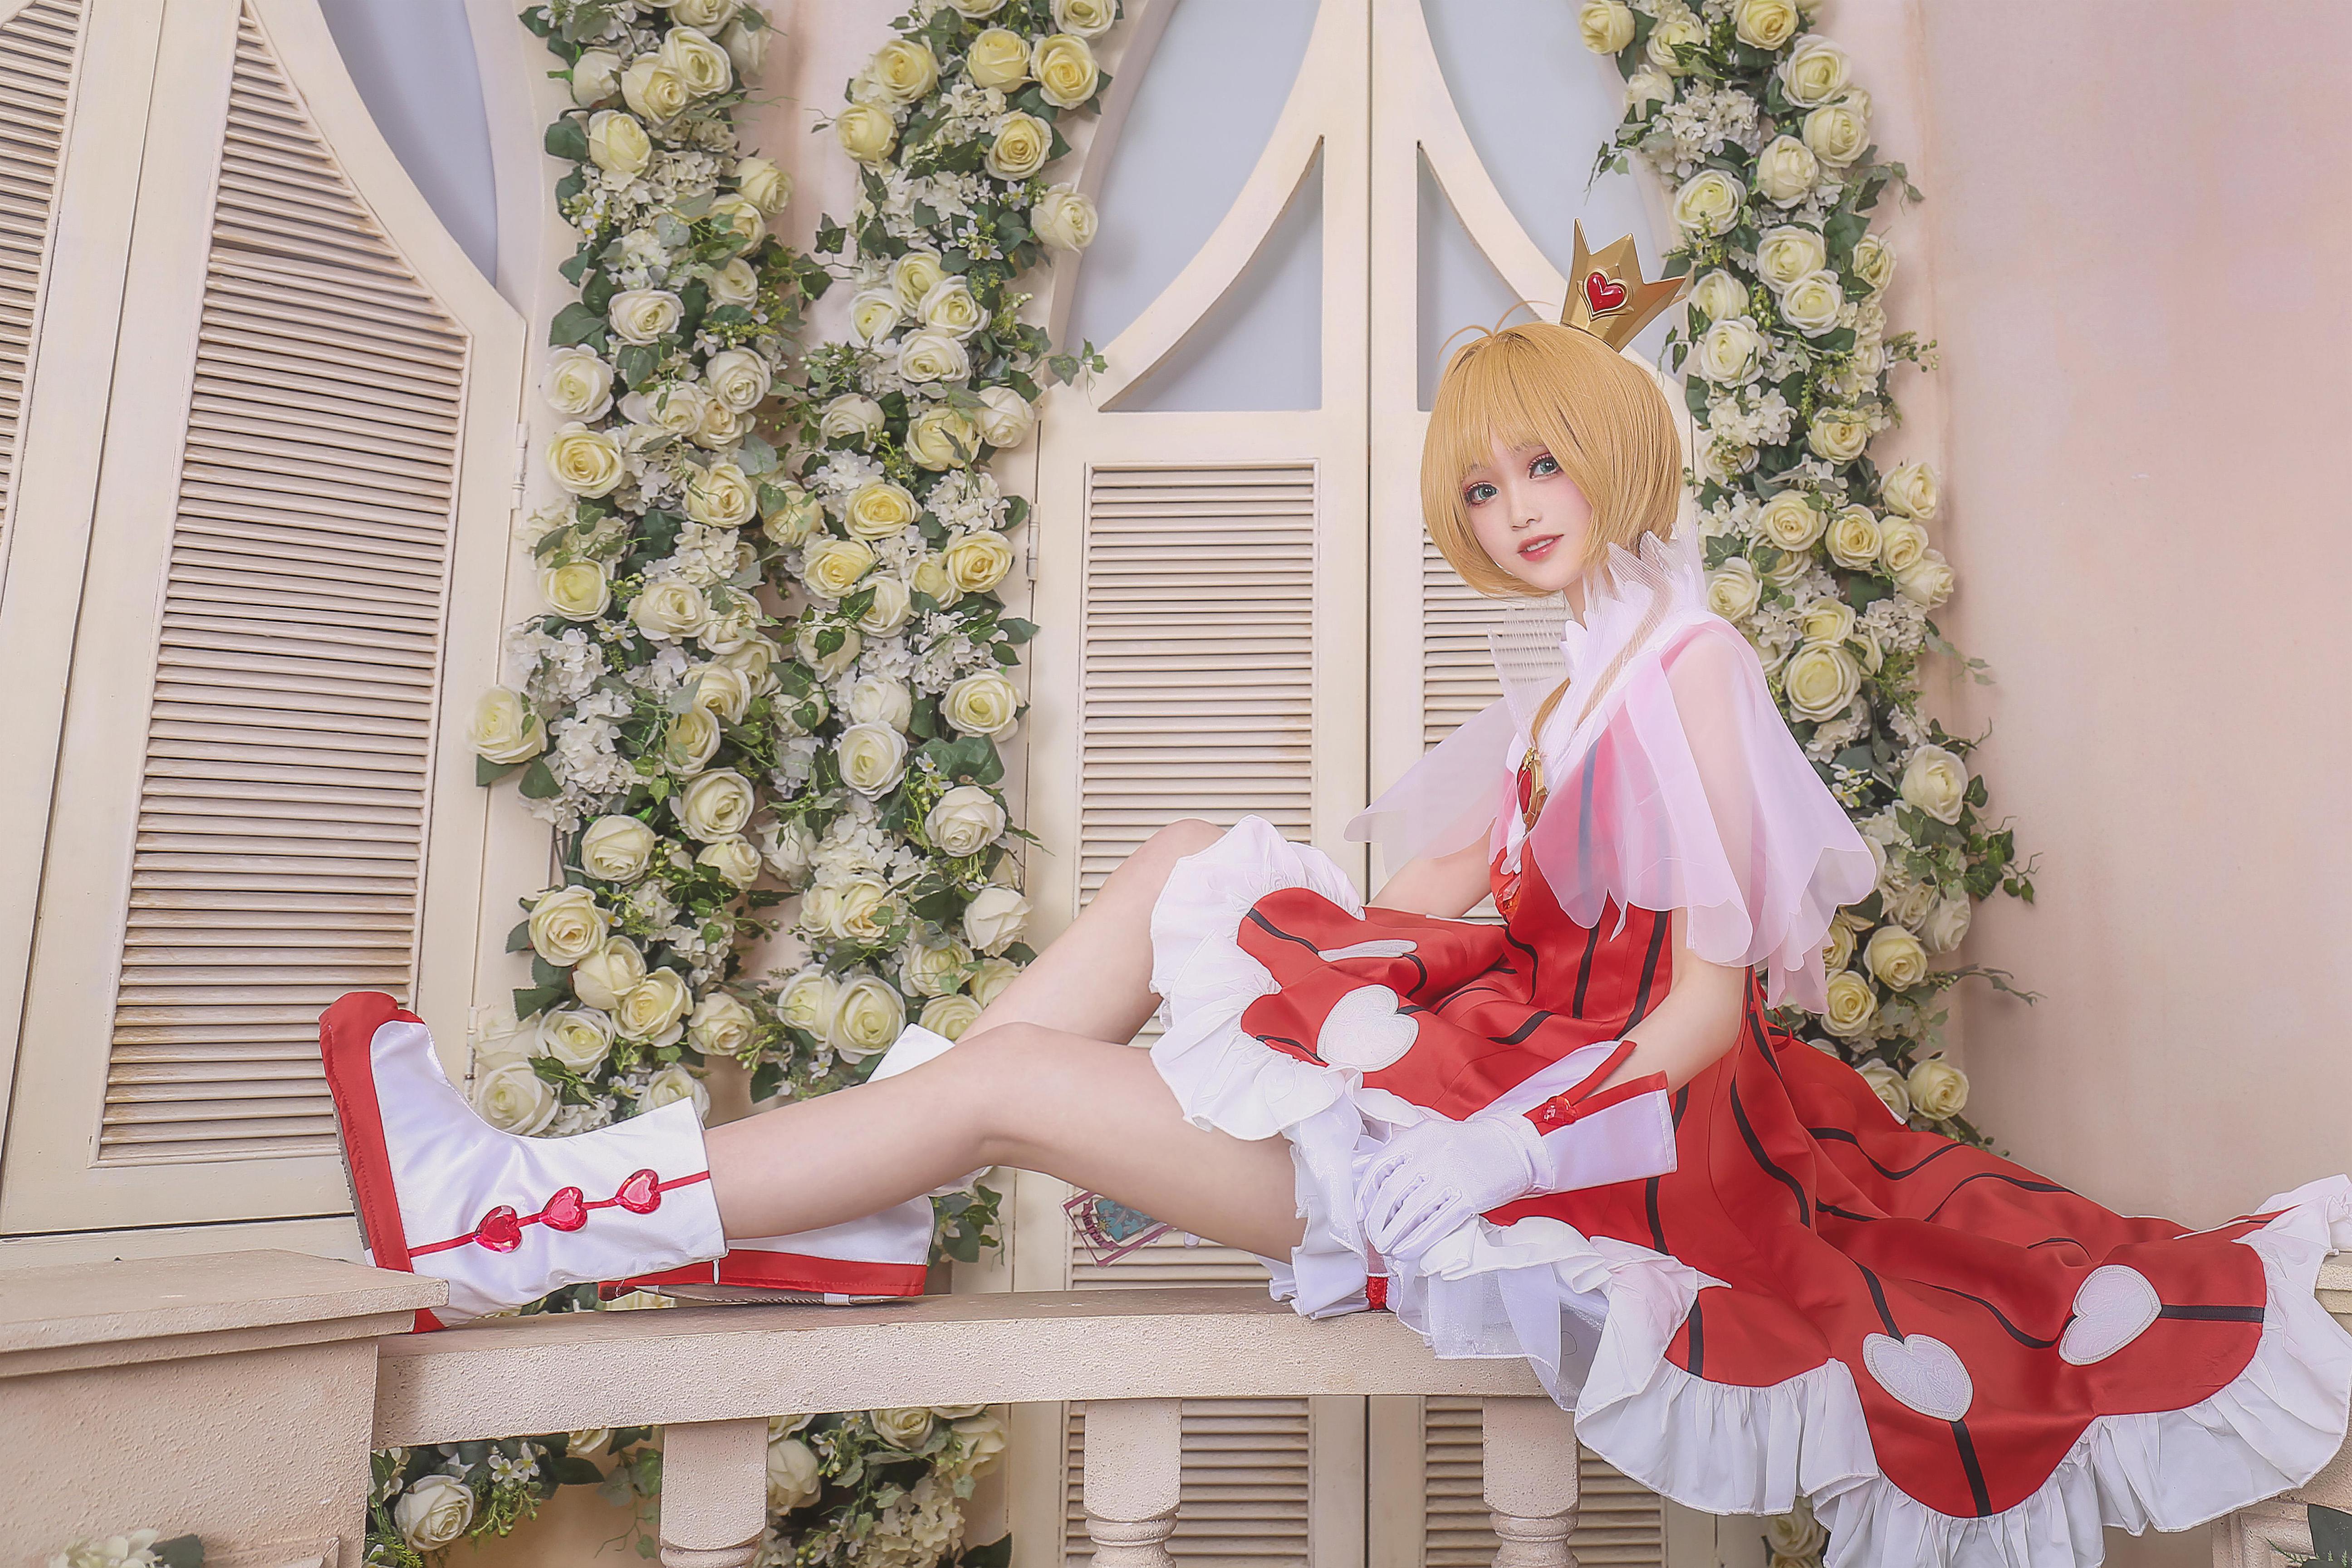 《魔卡少女樱》魔法少女小樱cosplay【CN:柳川萌_moe】-第15张